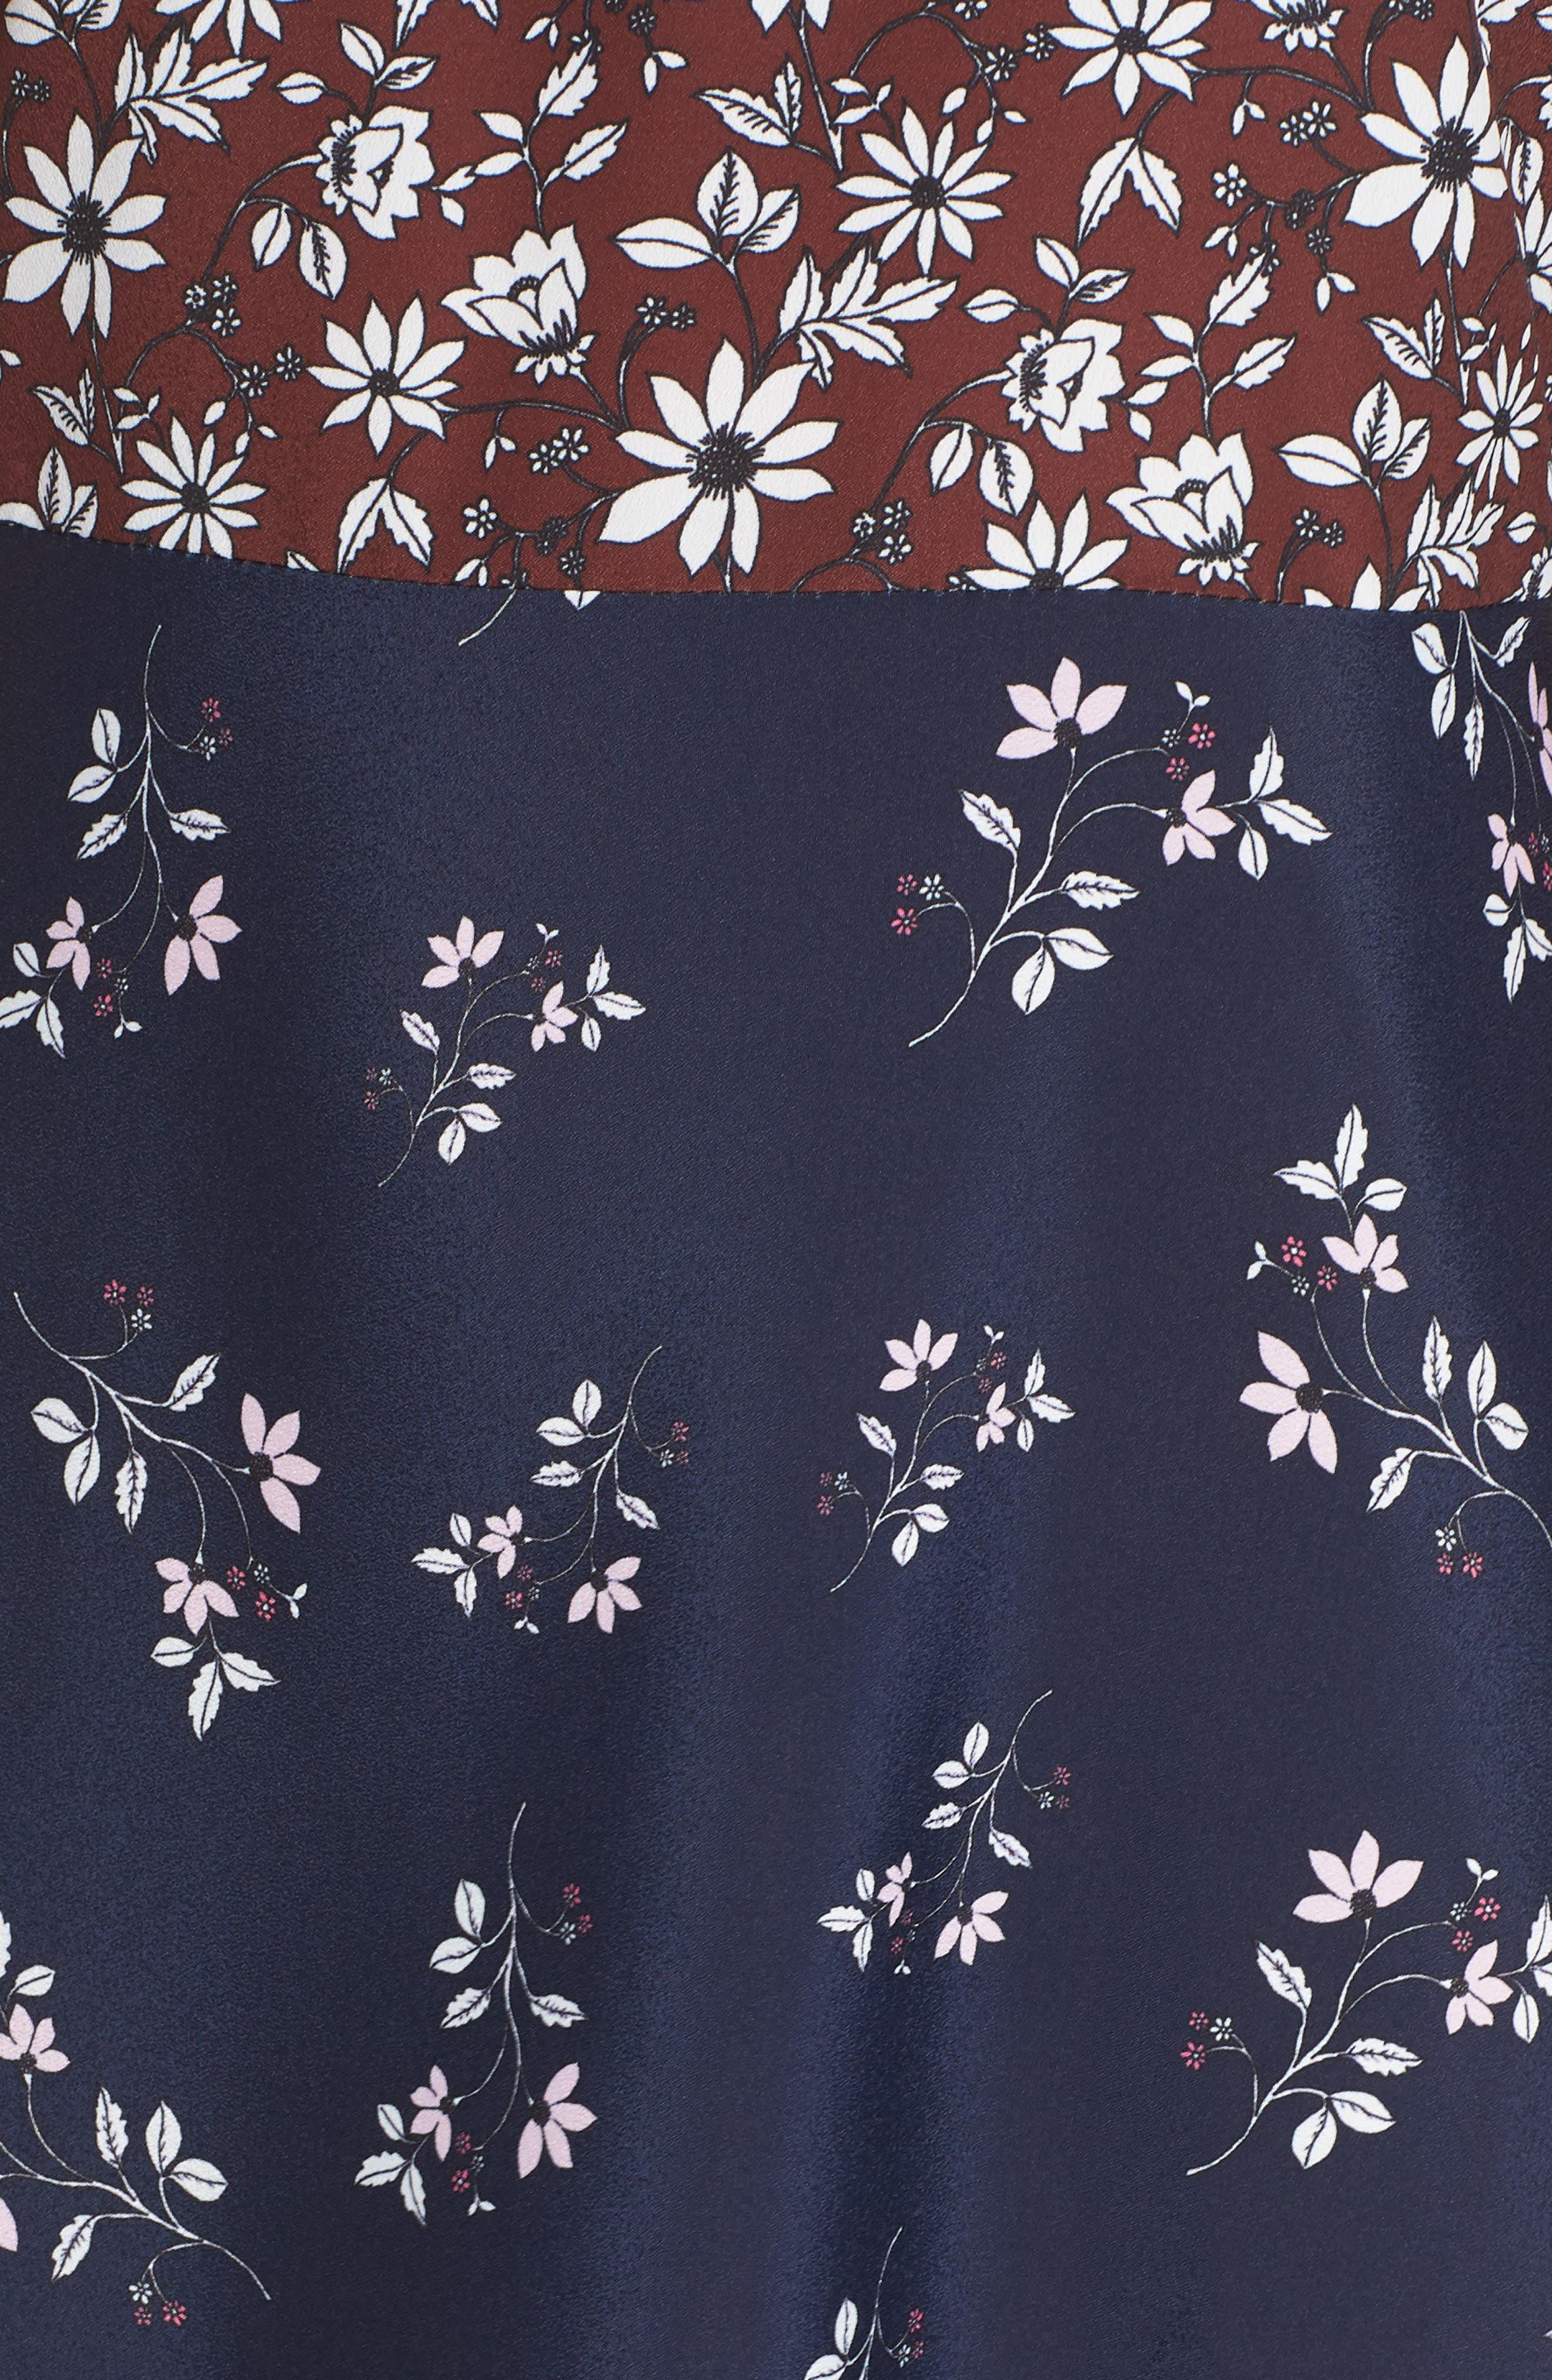 Colorblock Floral Woven Dress,                             Alternate thumbnail 6, color,                             400